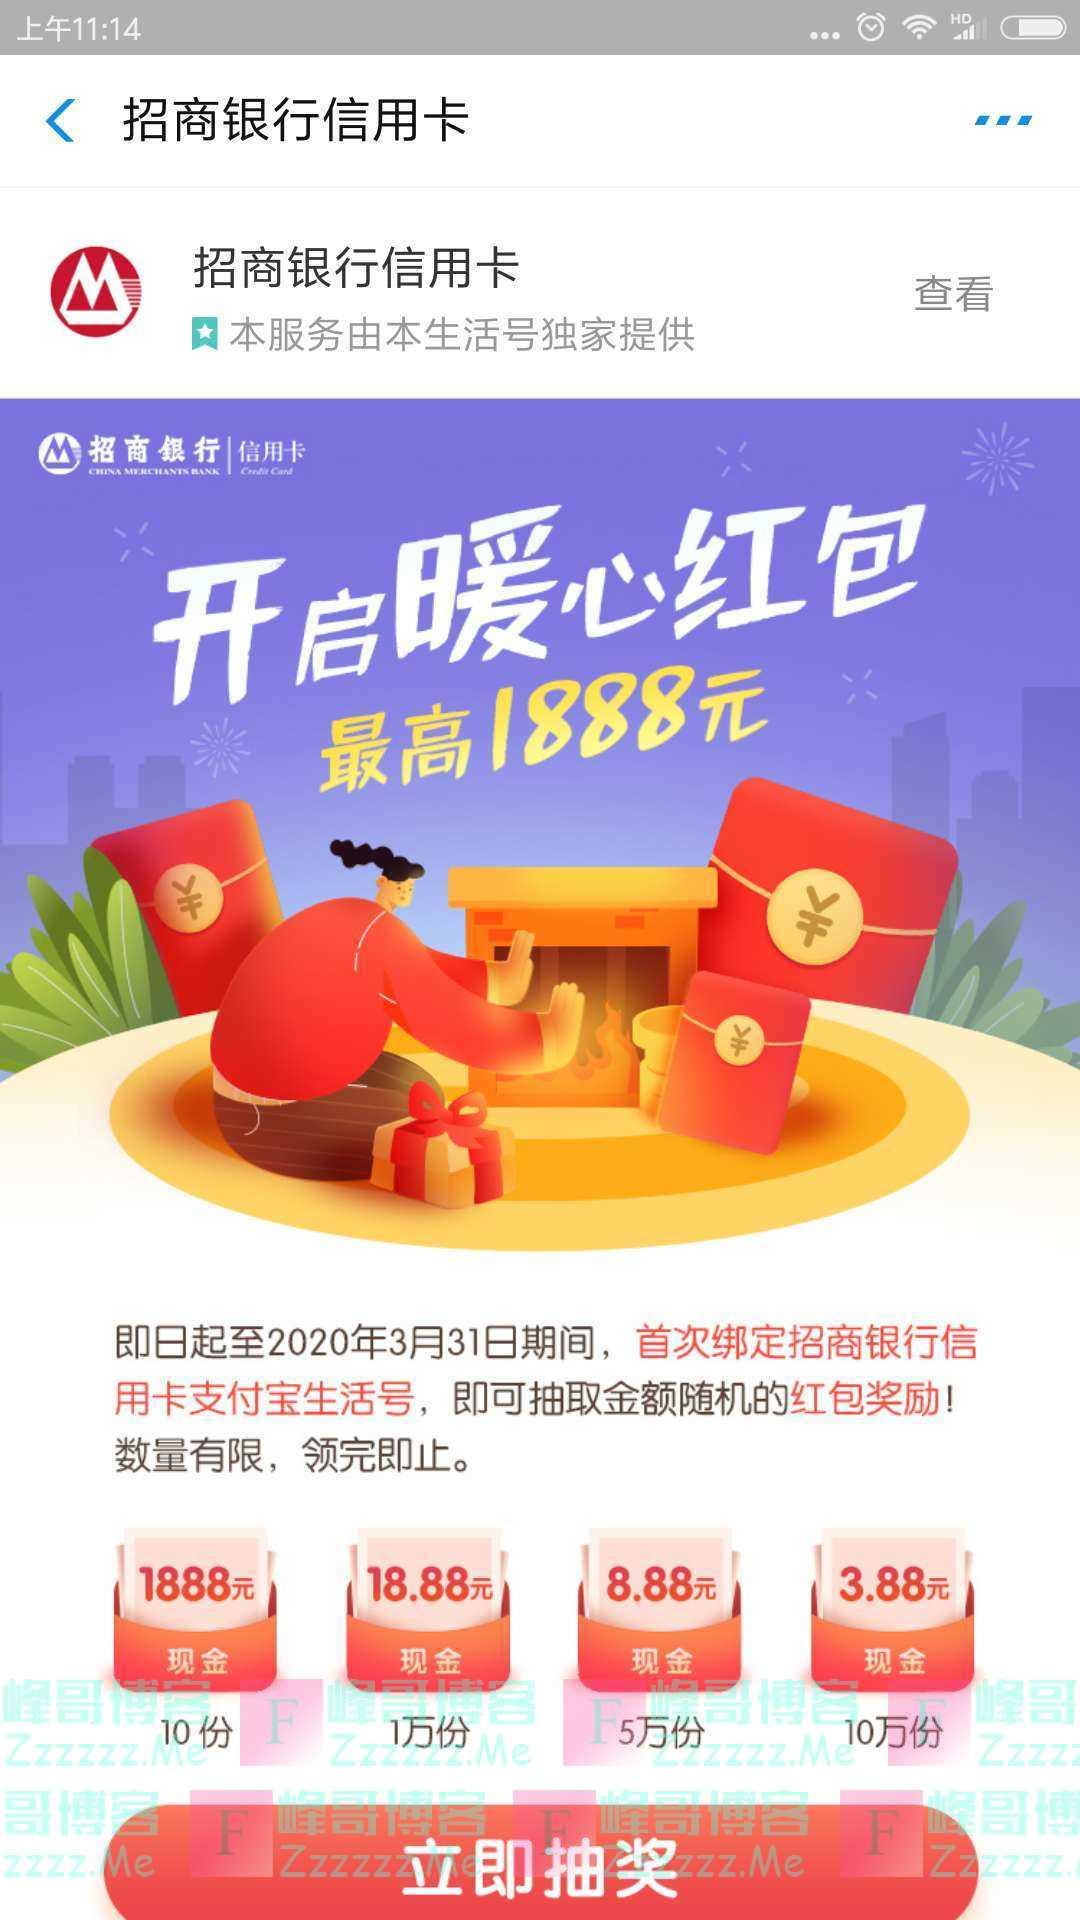 招行xing/用卡暖心红包最高1888元(截止3月31日)